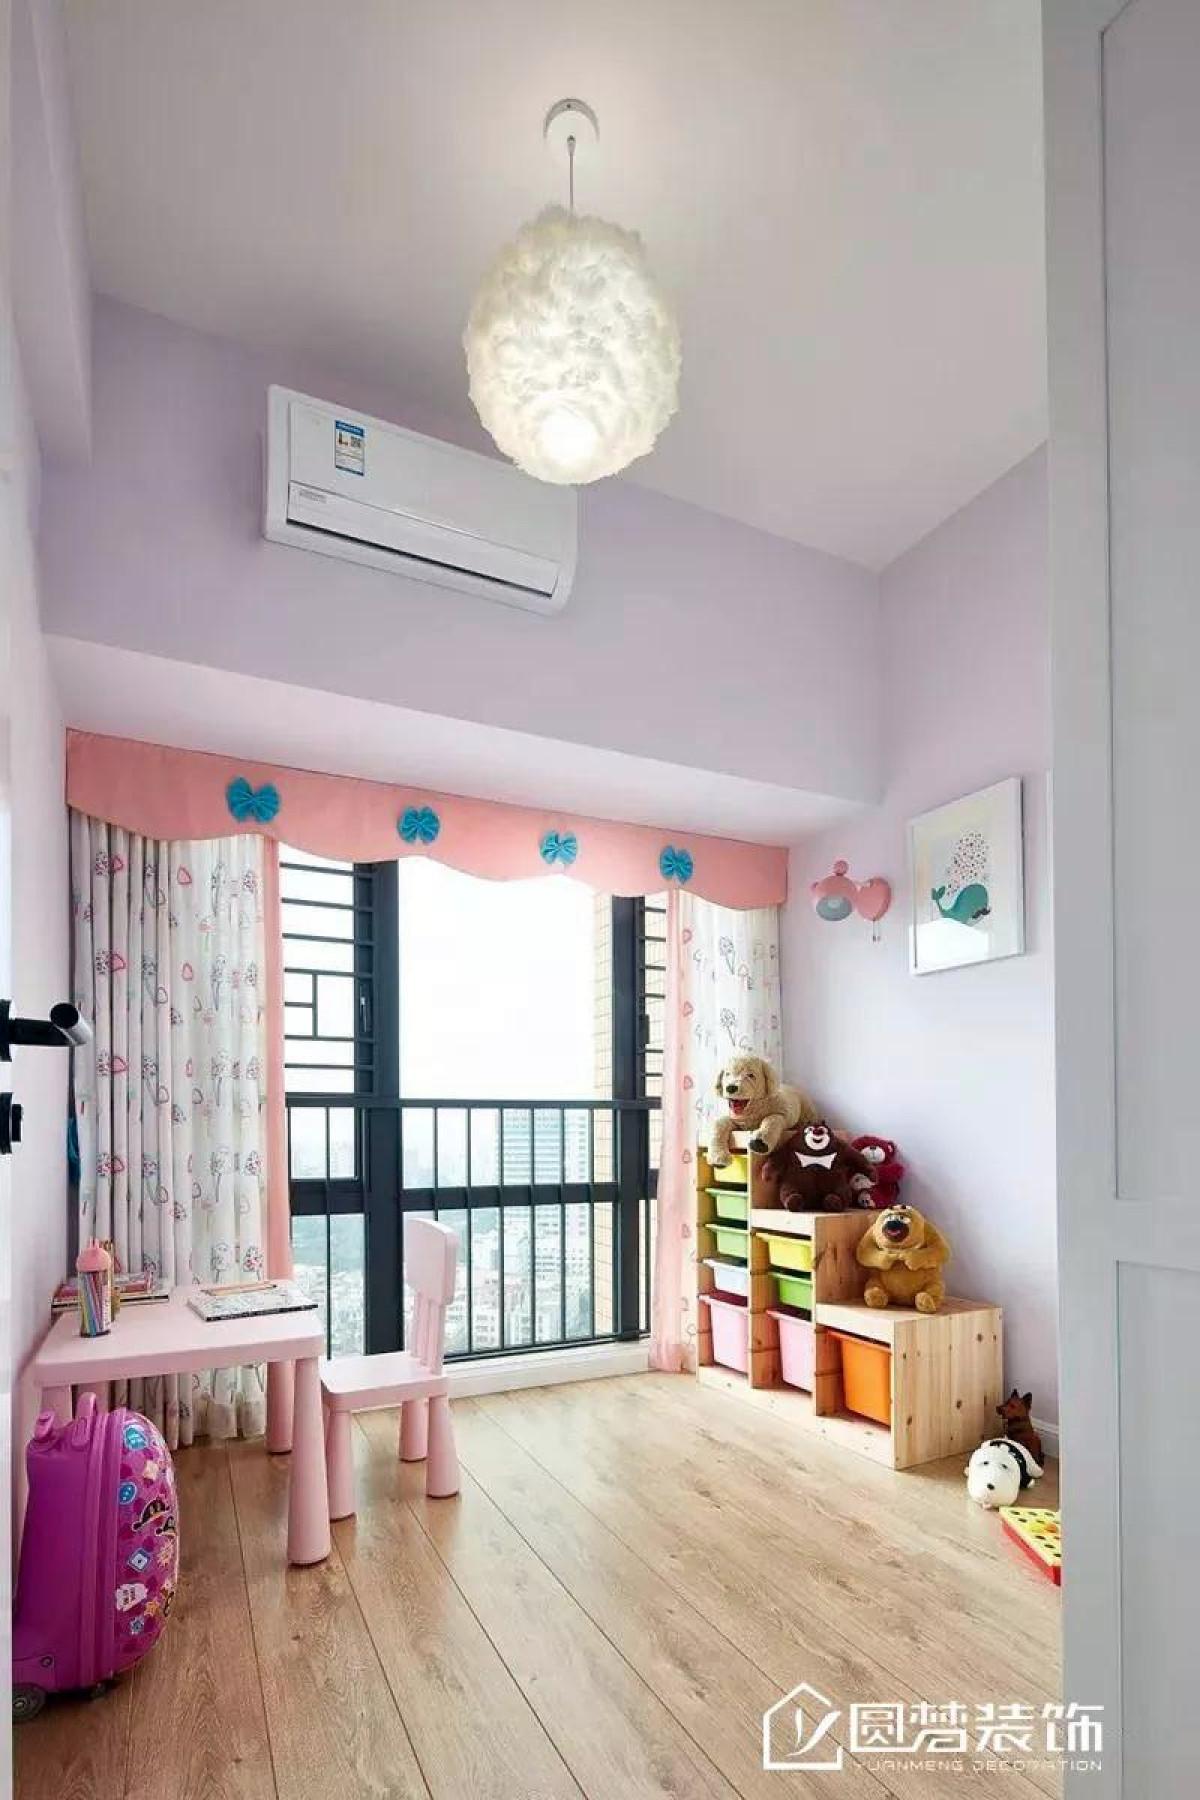 ▲ 儿童房以粉色为基调,特别为小宝贝设置了学习桌椅与玩具收纳区,整个房间精致且明亮